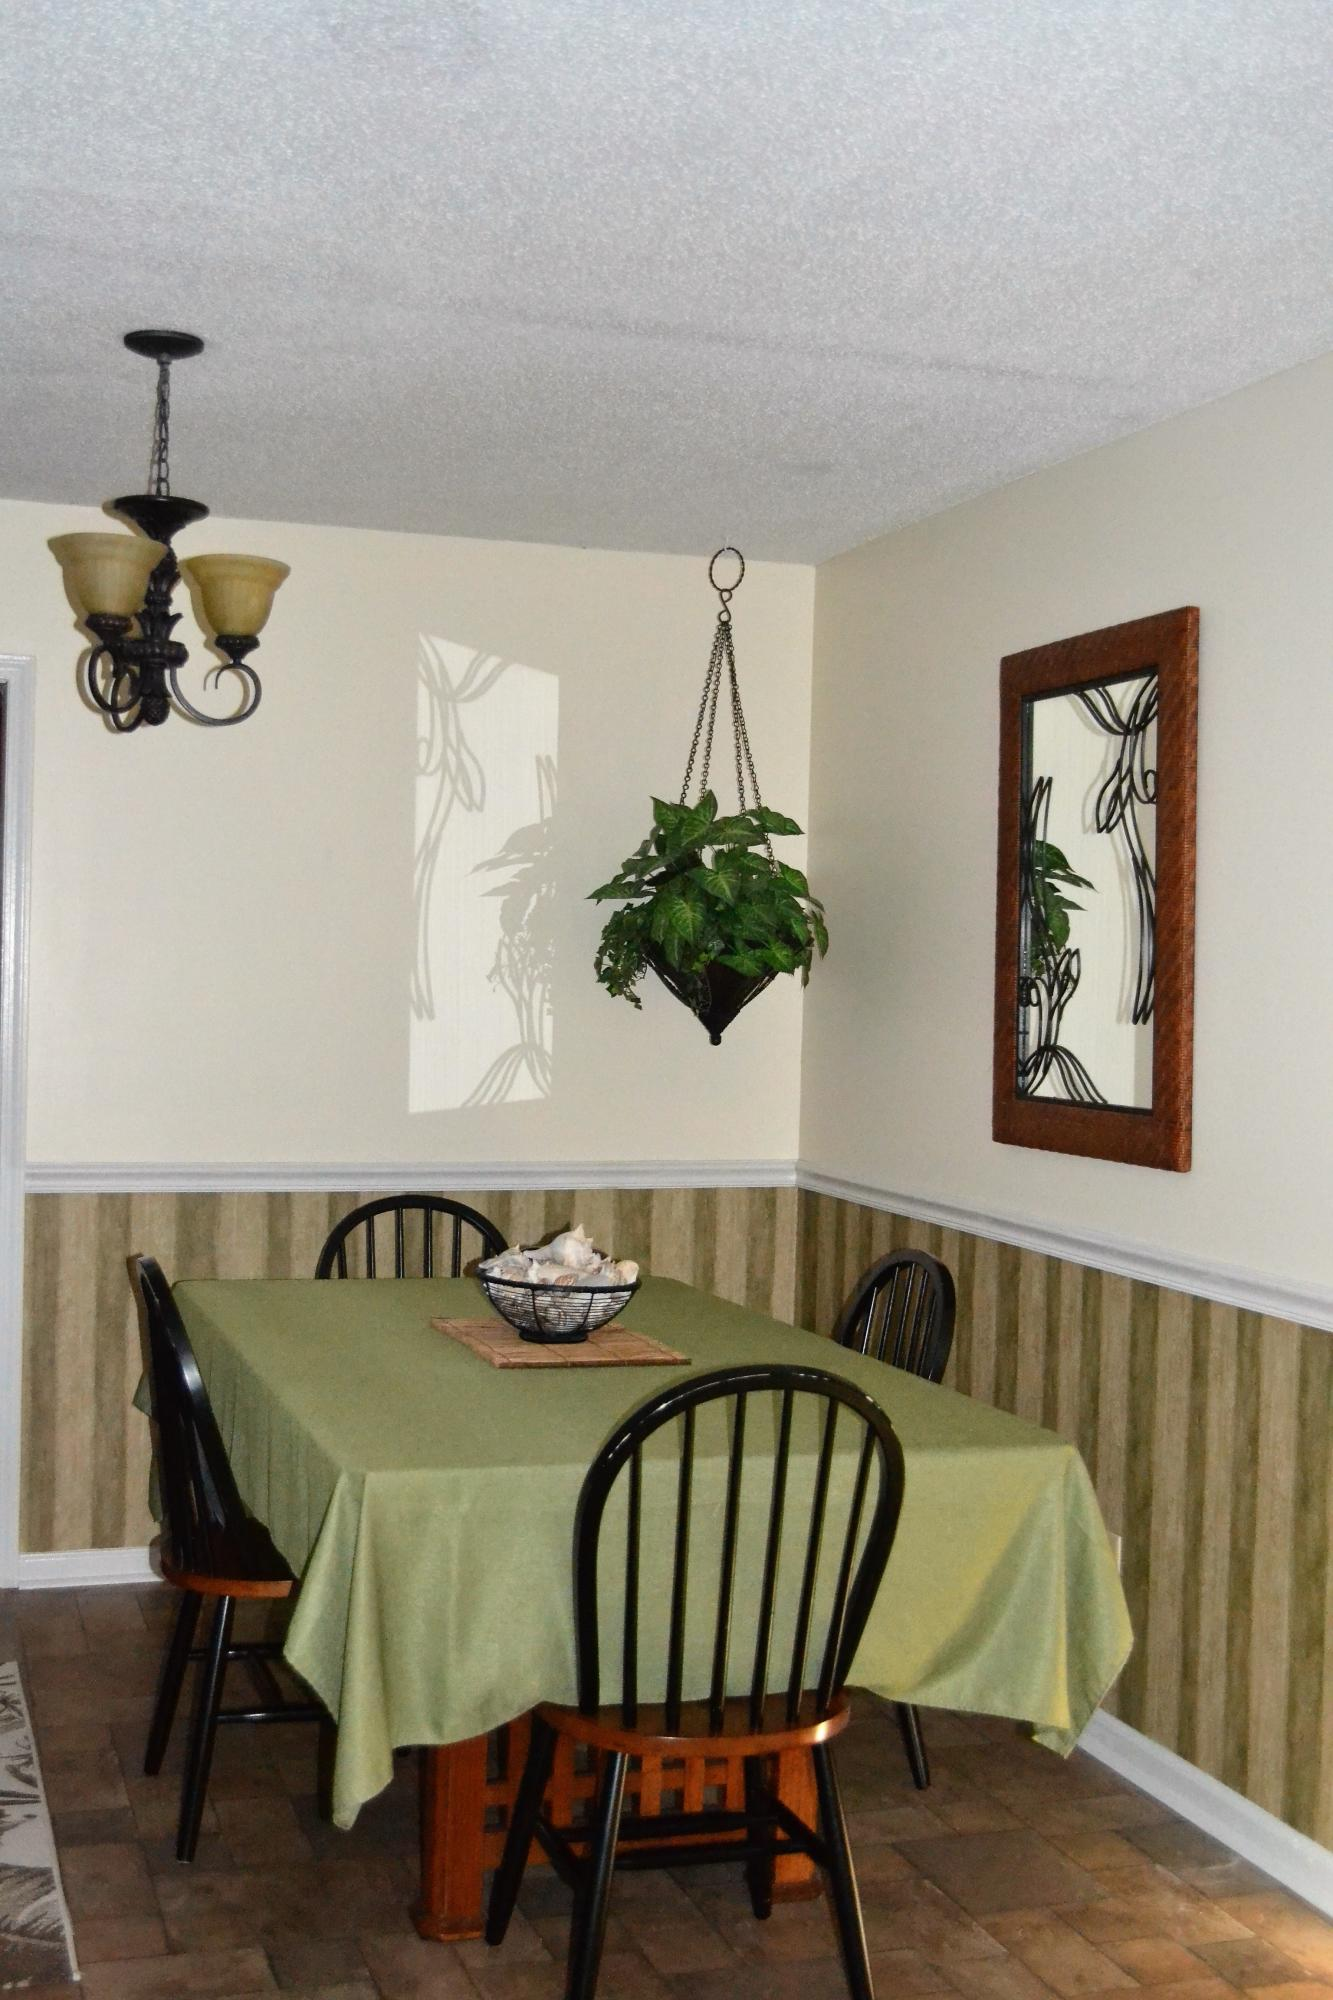 Myrtle Acres Homes For Sale - 956 Myrtle, Mount Pleasant, SC - 16